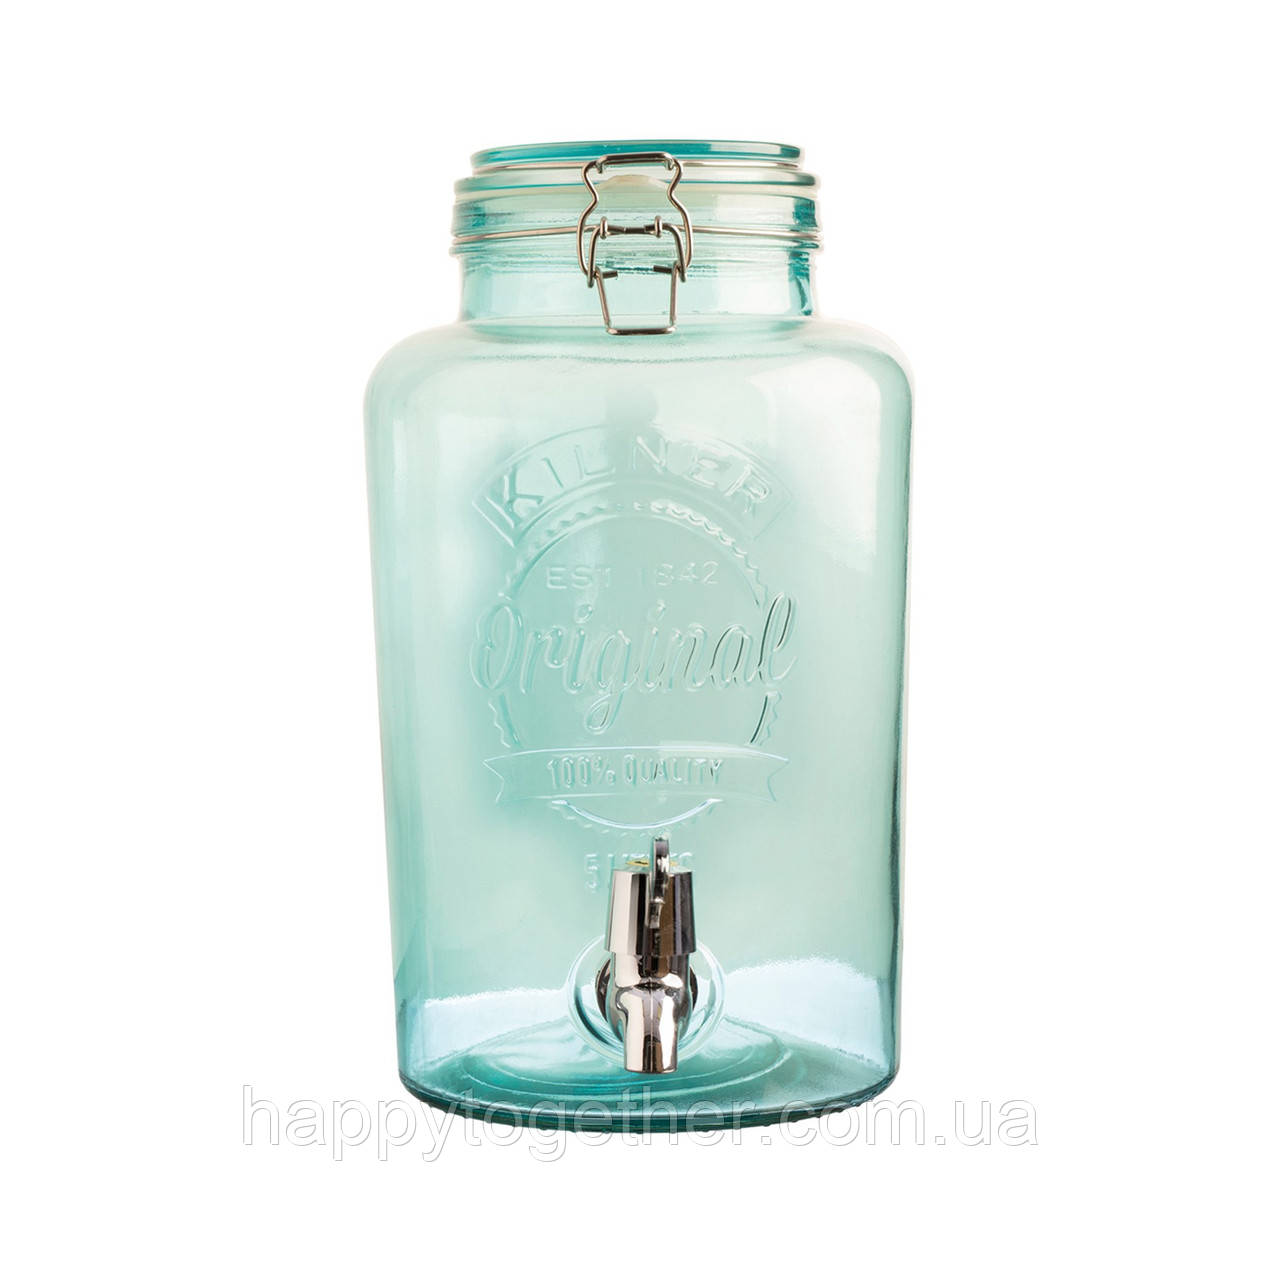 Лимонадницы для Кенди баров/Диспенсор KILNERJAR 5 литров.